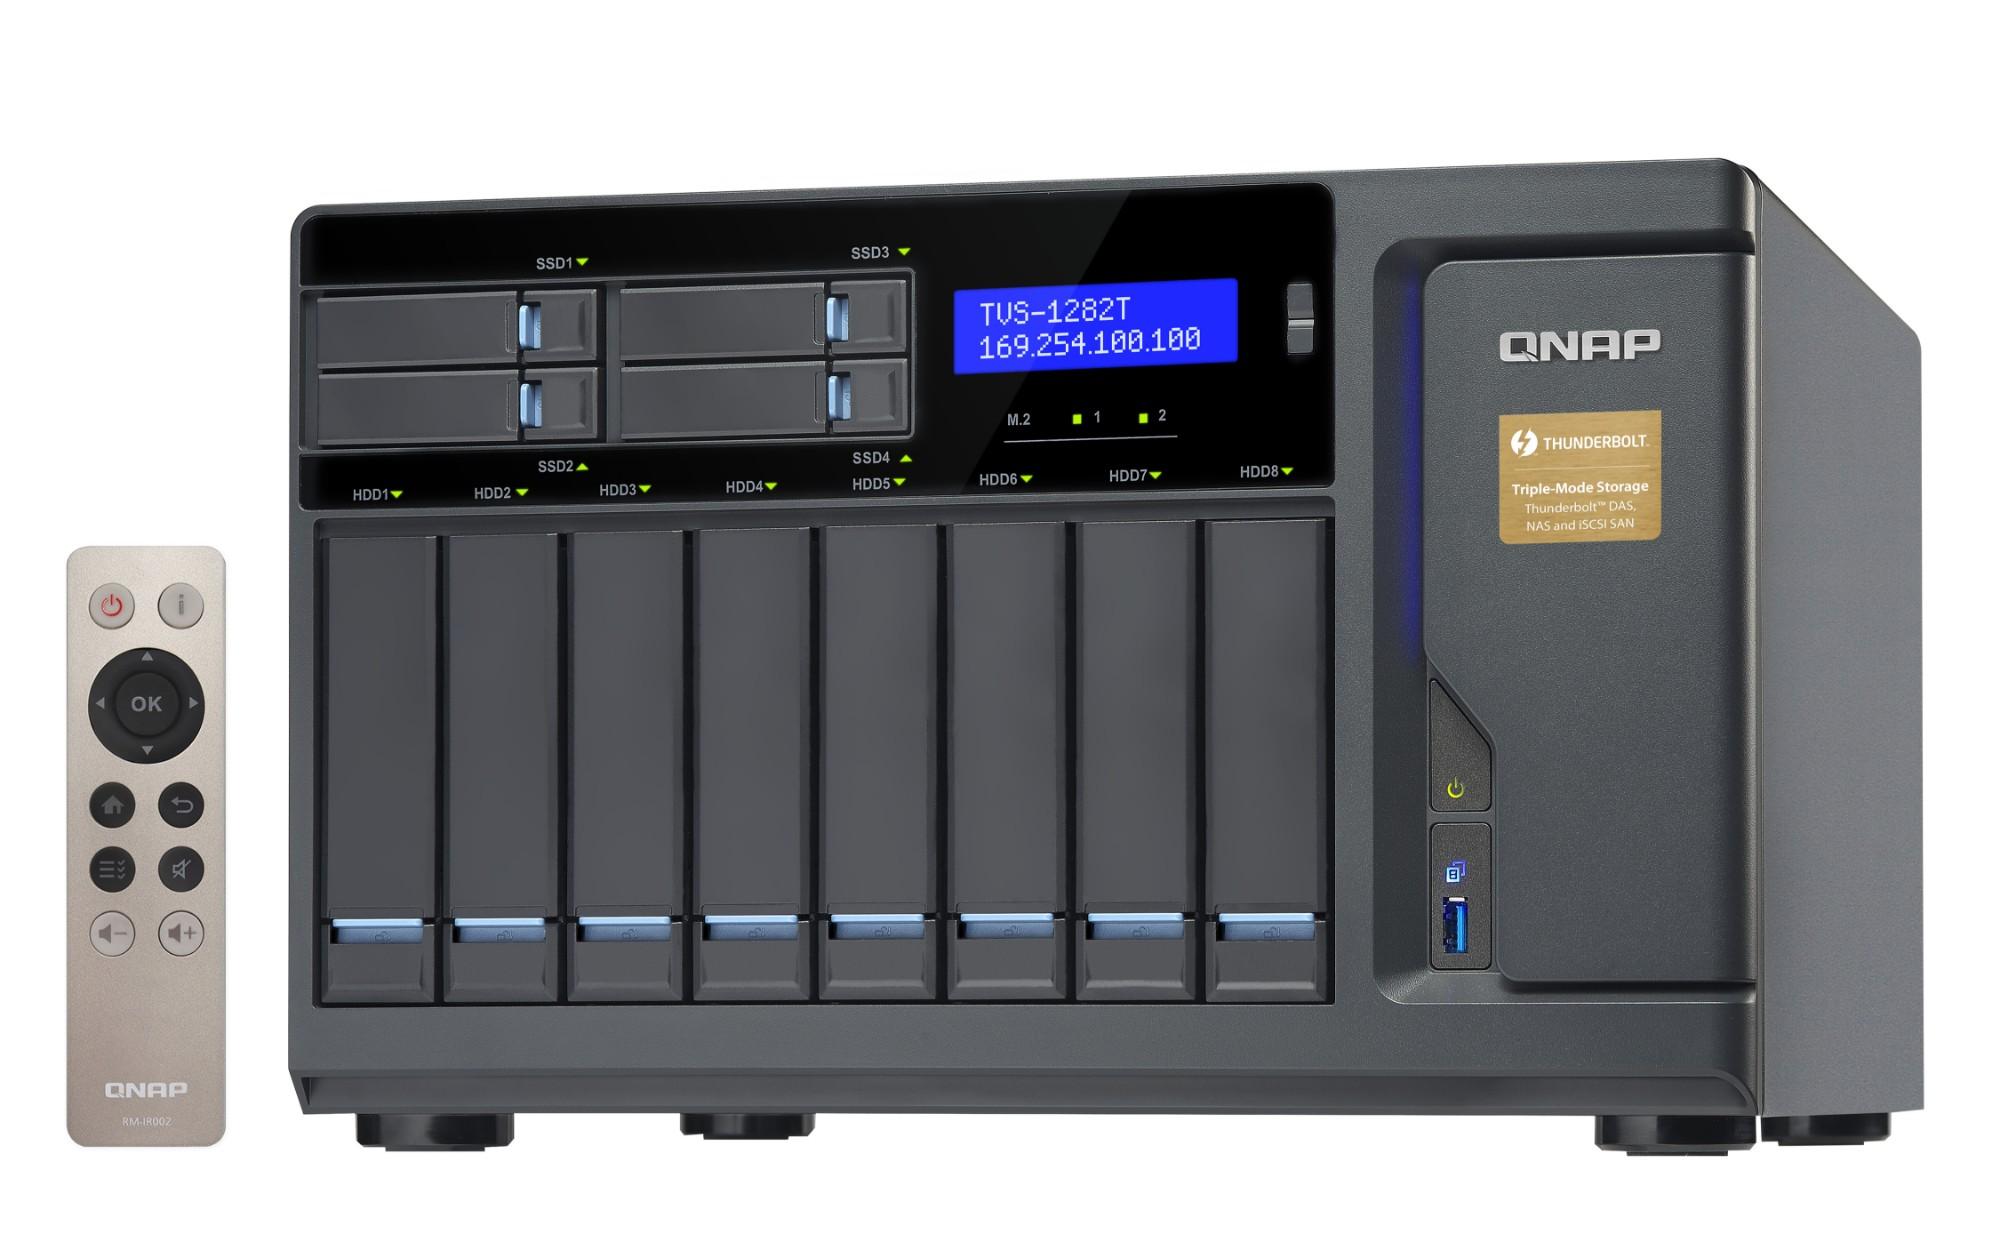 QNAP TVS-1282T NAS Tower Ethernet LAN Black